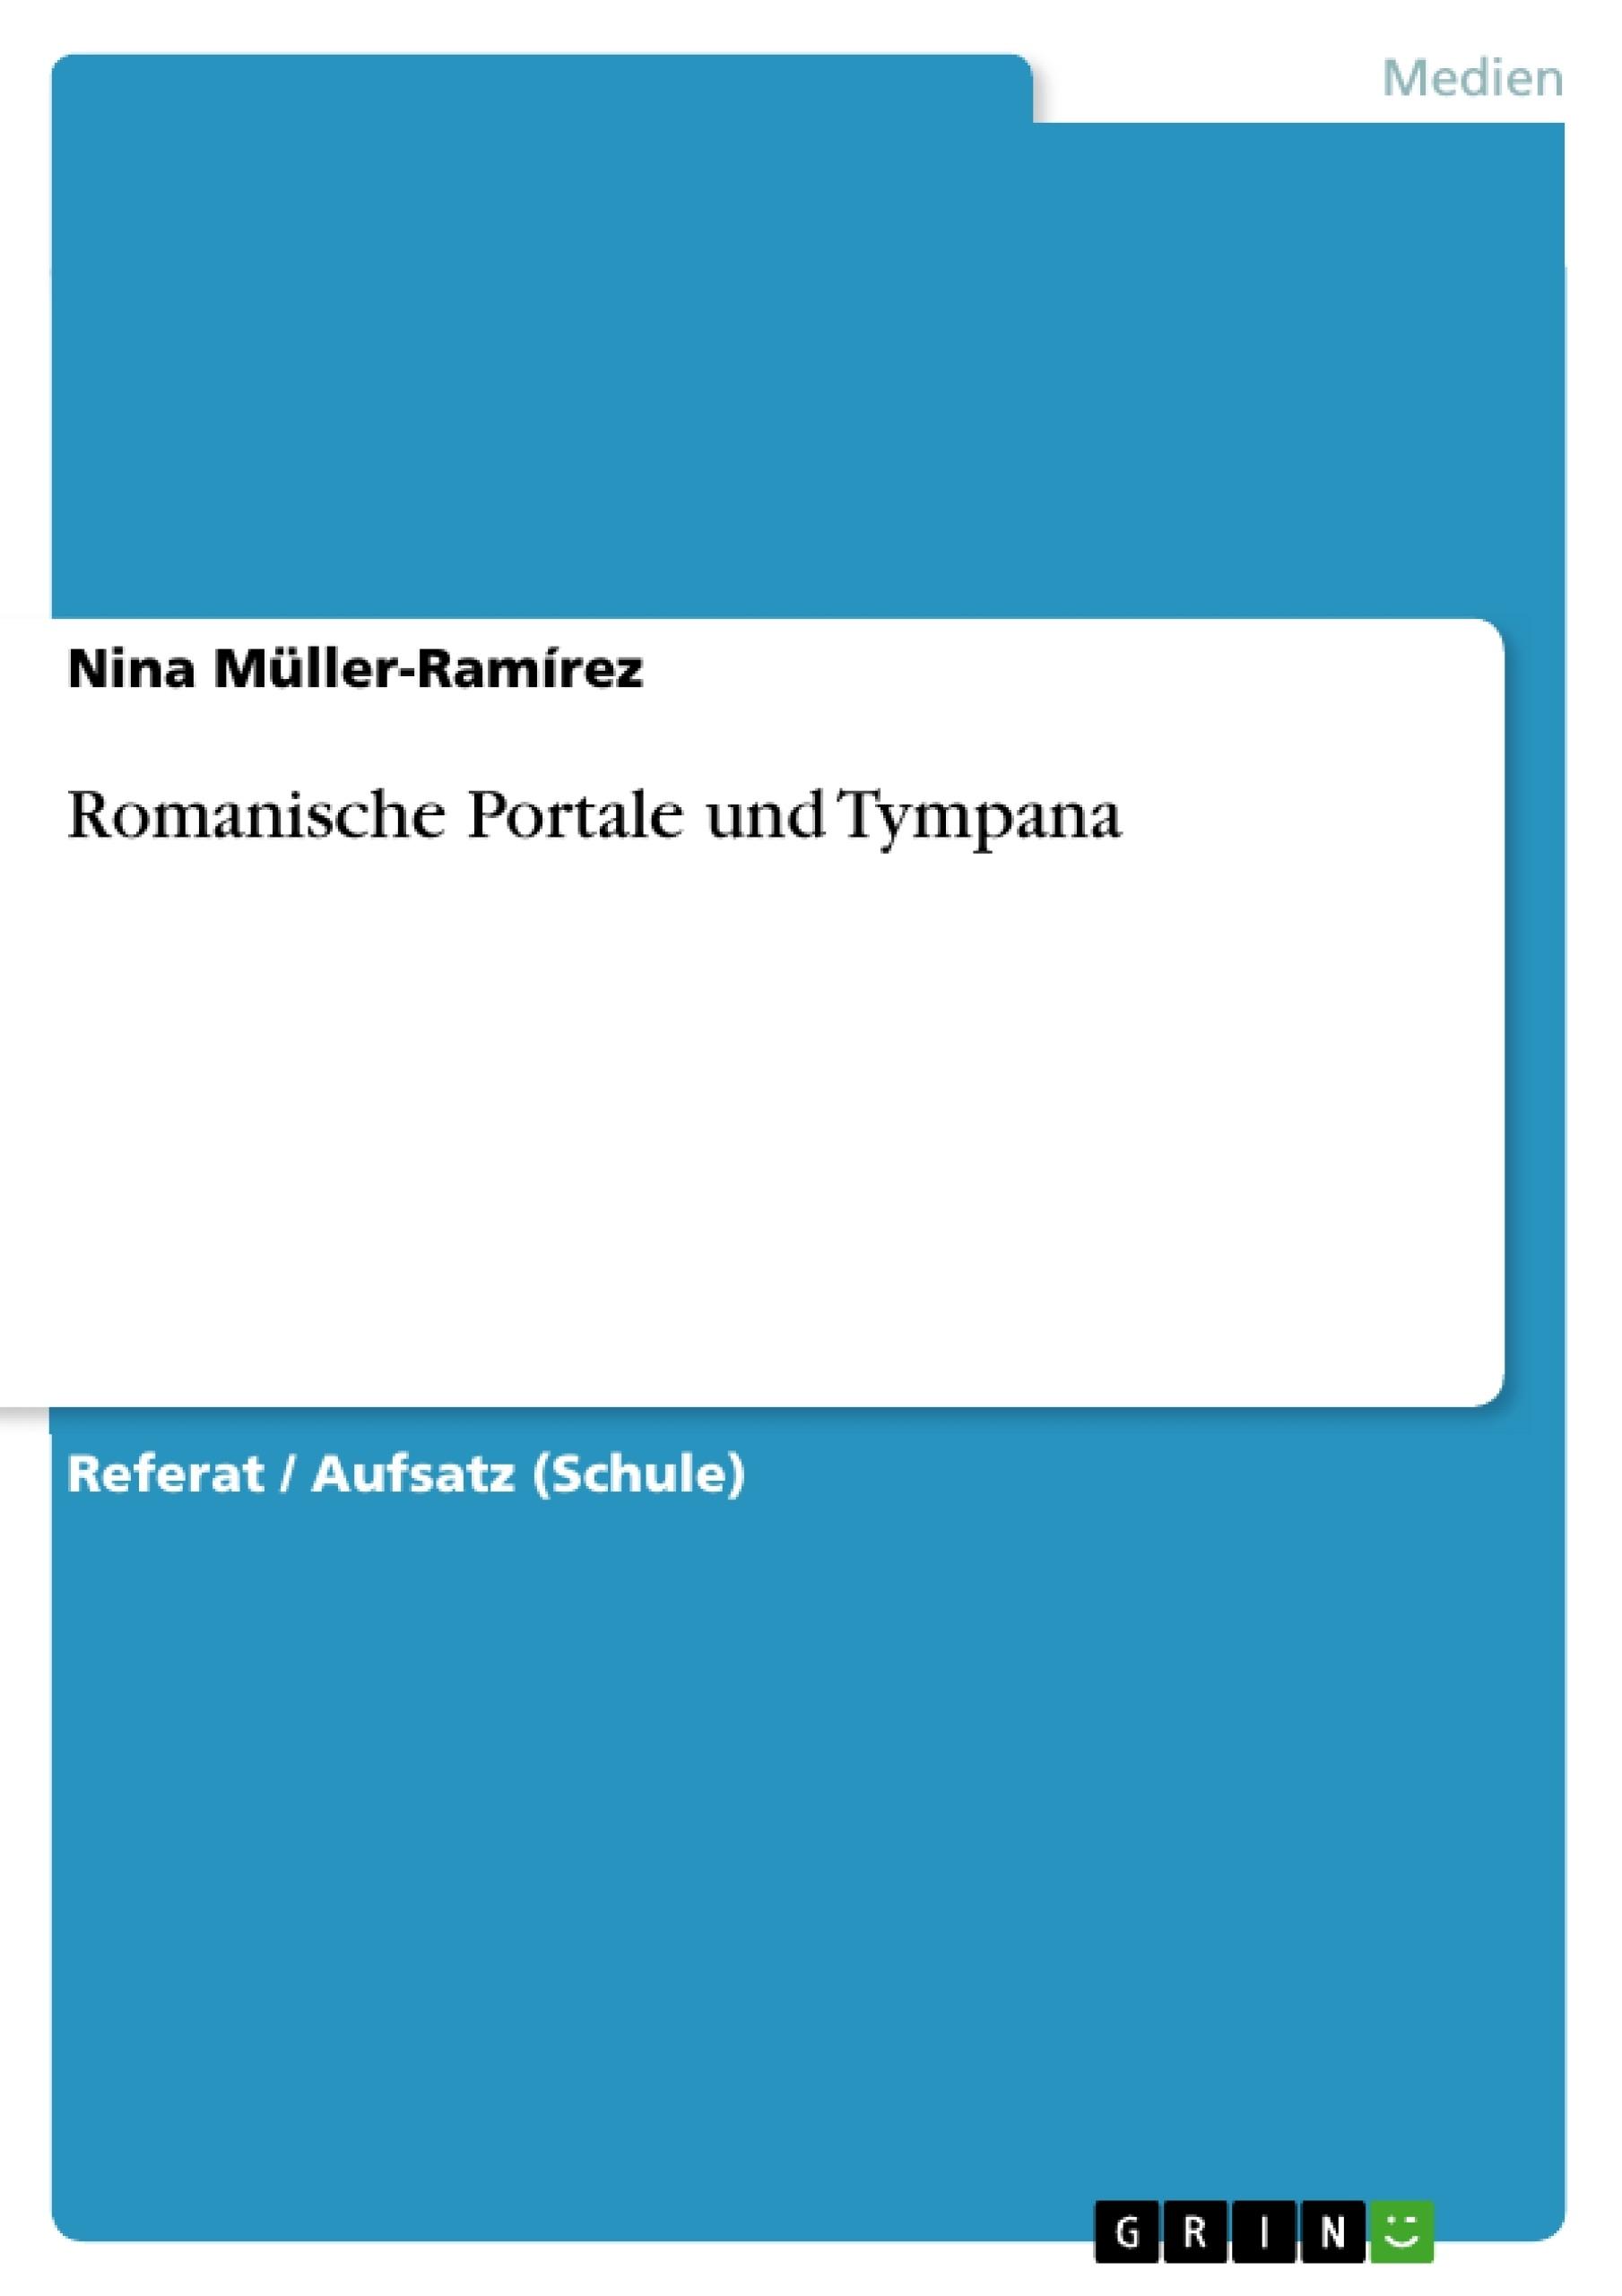 Titel: Romanische Portale und Tympana